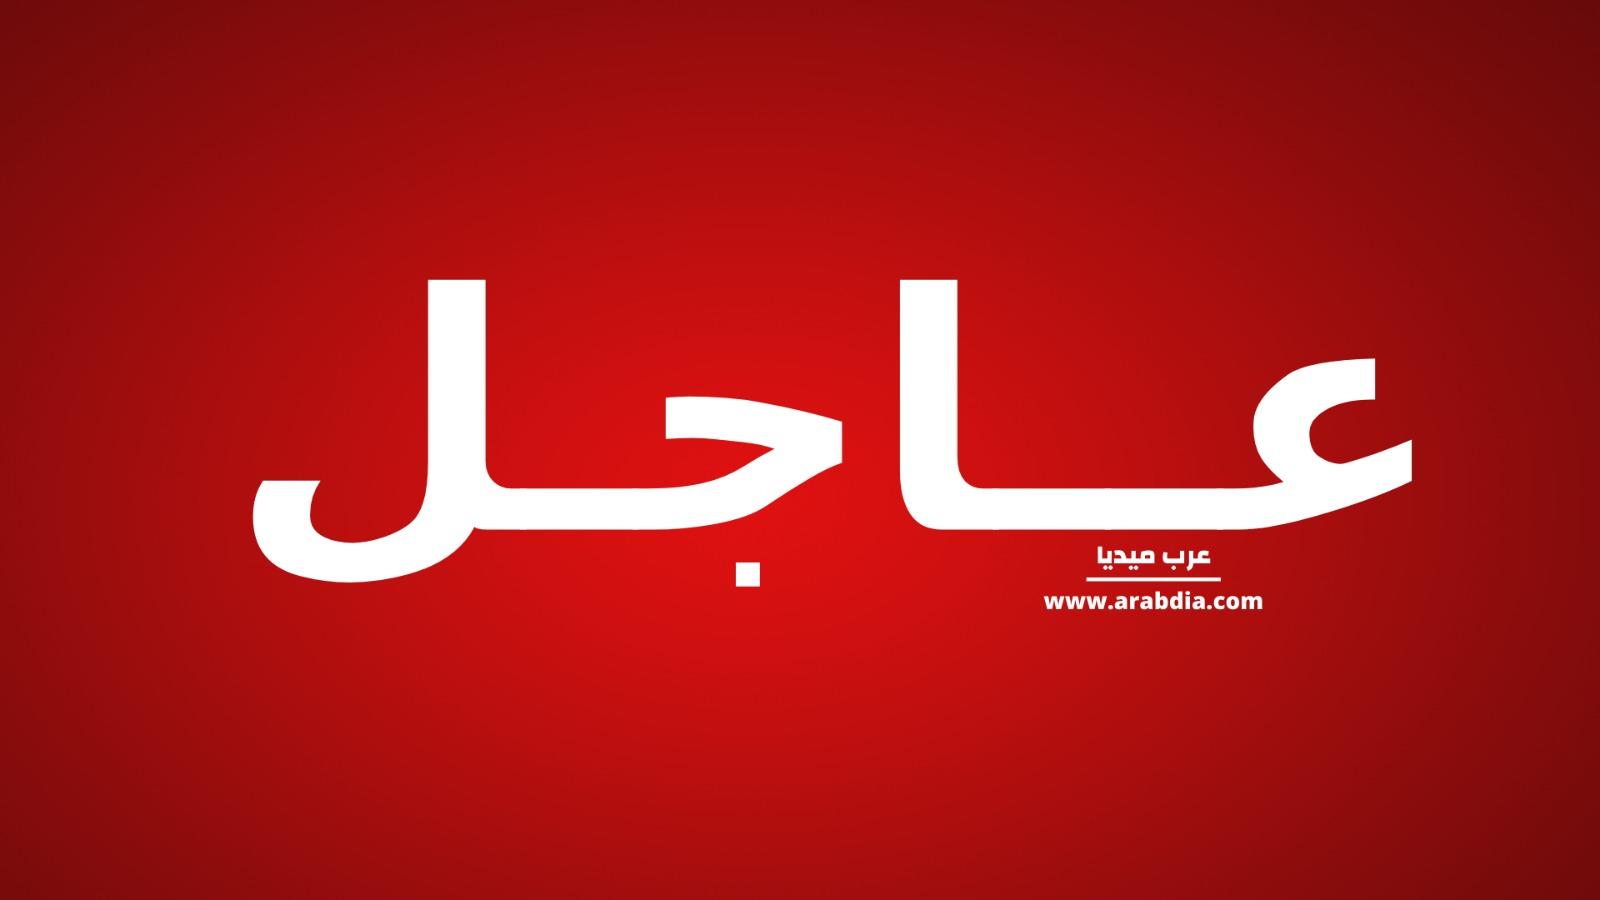 تركيا تعلن استعدادها لفتح صفحة جديدة مع مصر و دول أخرى 1